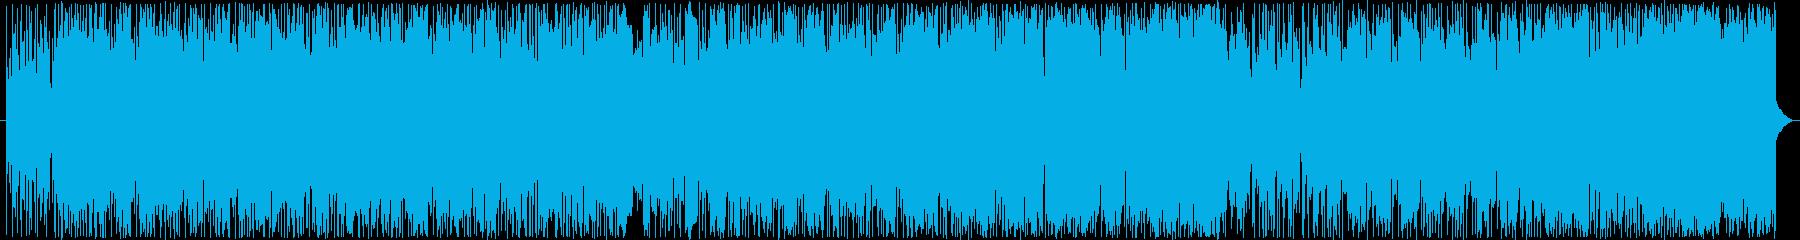 重厚かつ疾走感あるロック好きエレクトロの再生済みの波形